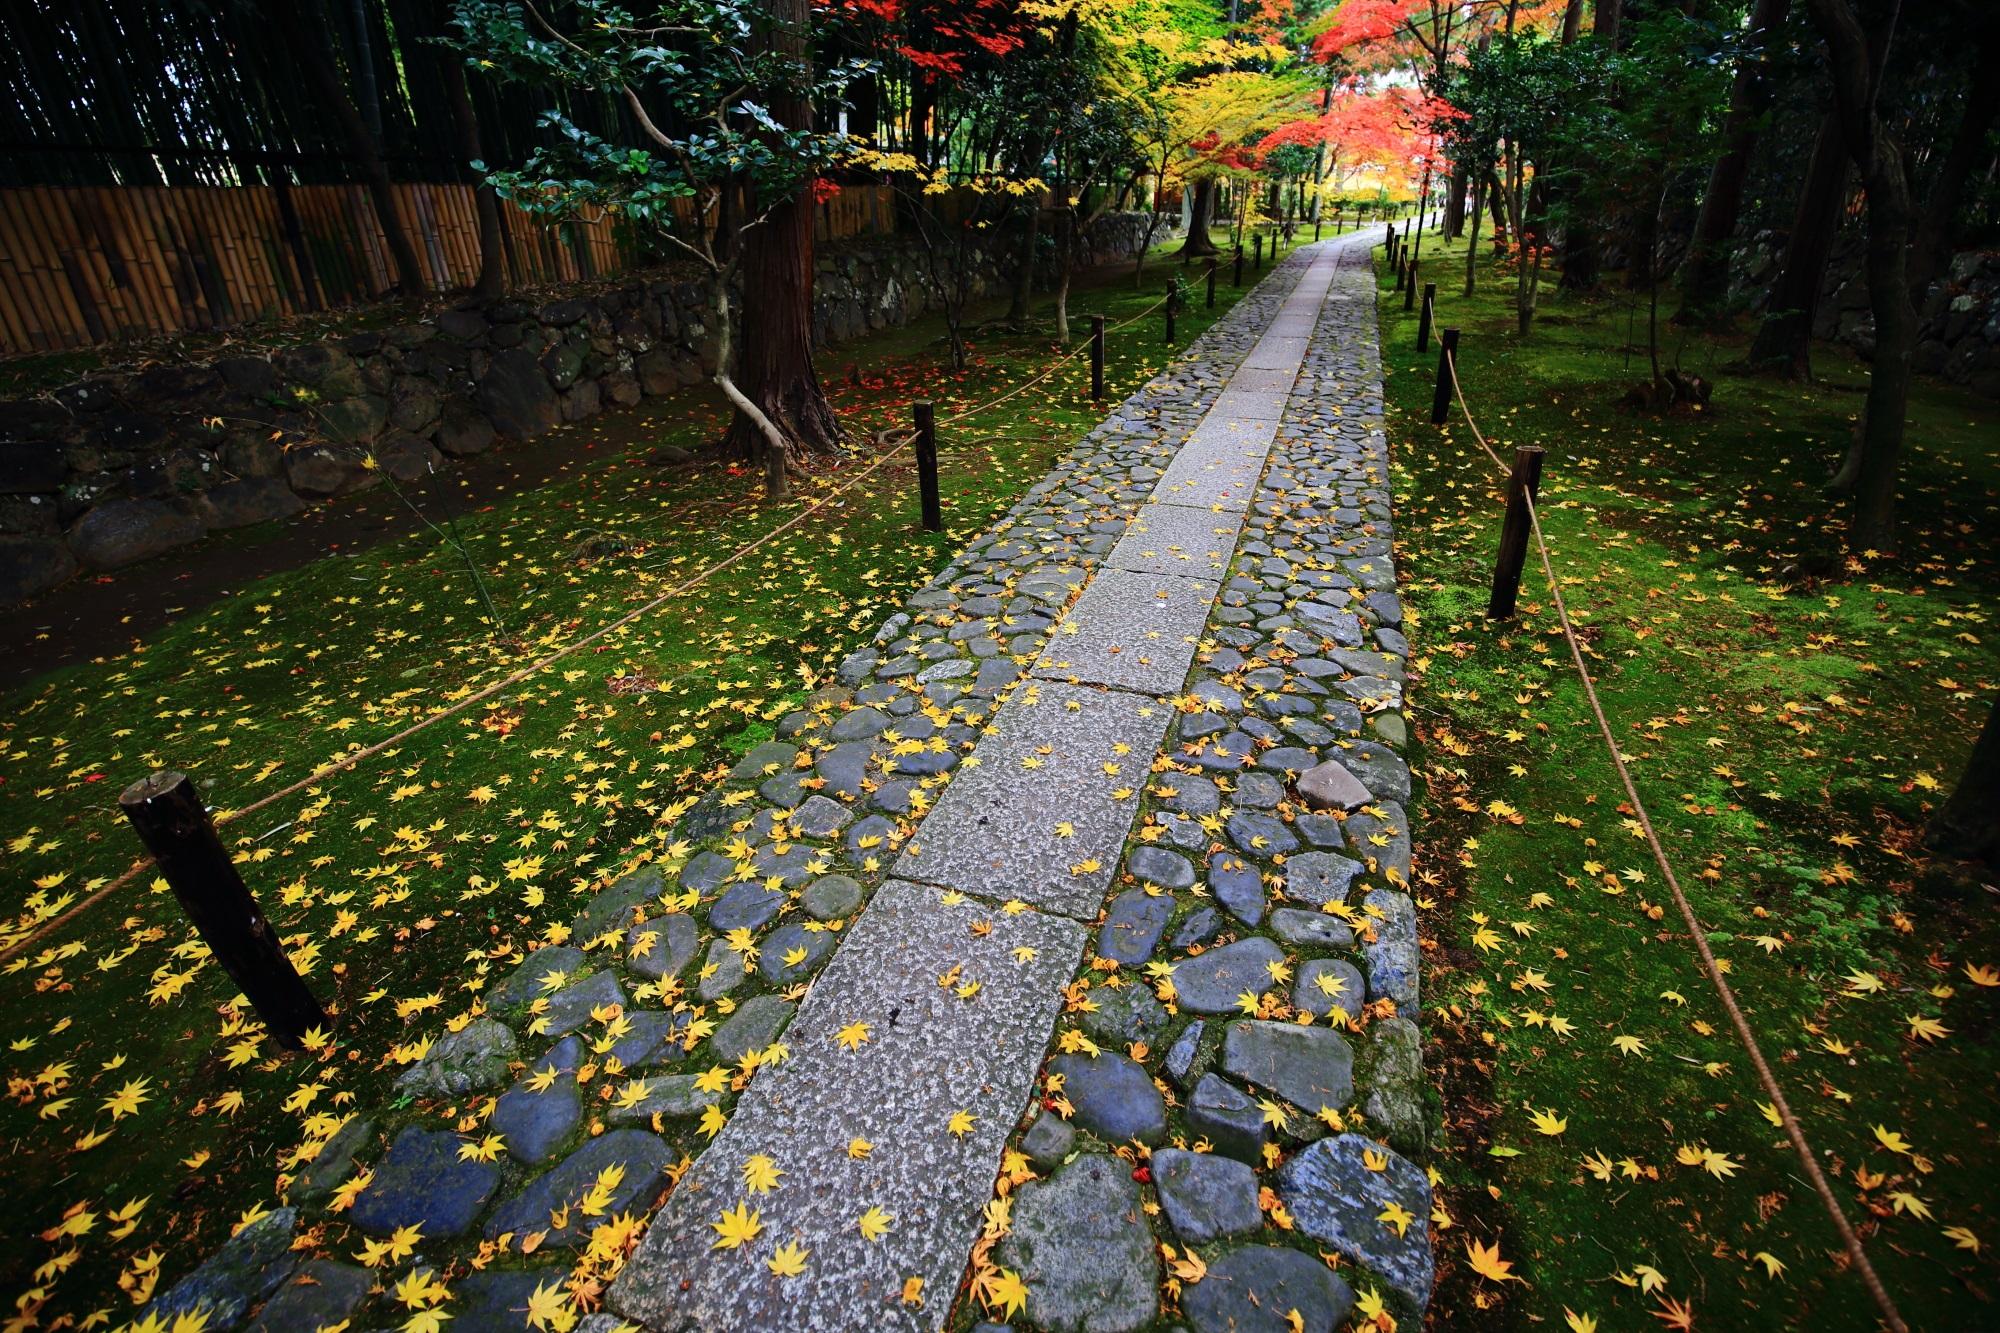 嵐山ろうおういんの参道の優美な紅葉と散りもみじ